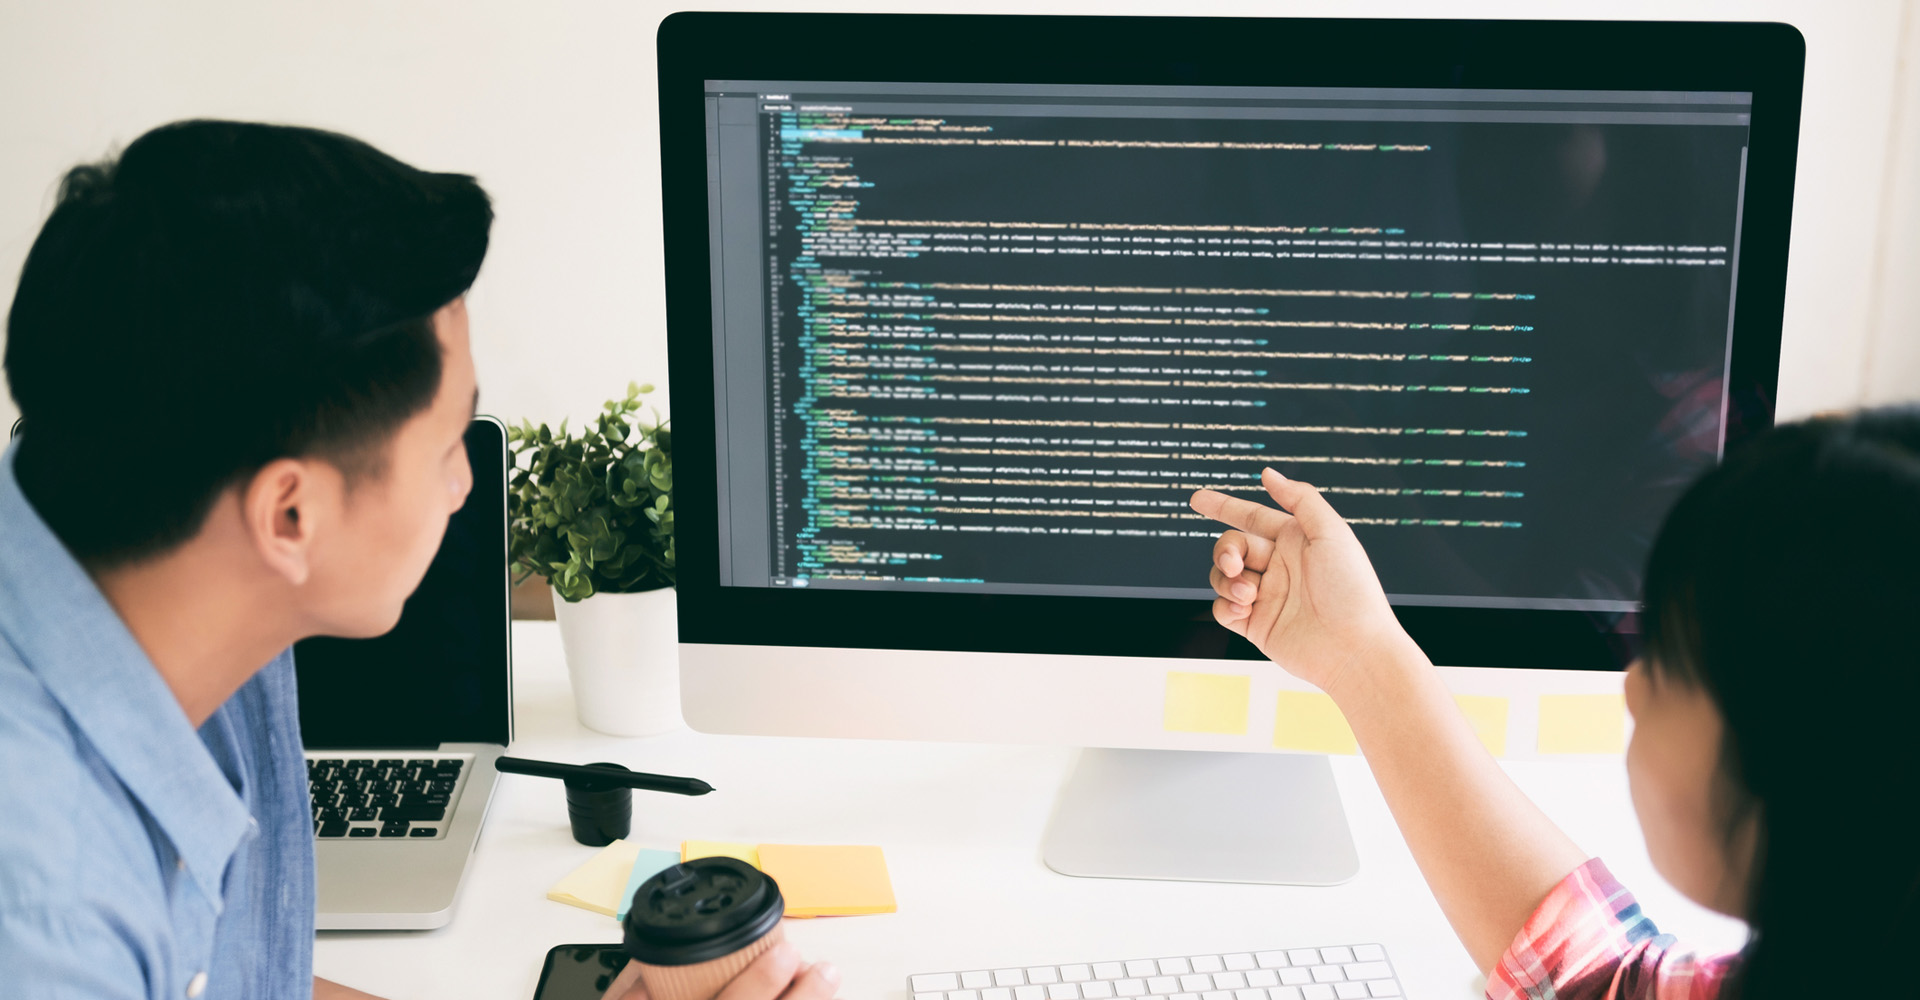 Ein Mann und eine Frau betrachten den Code einer Programmiersprache.